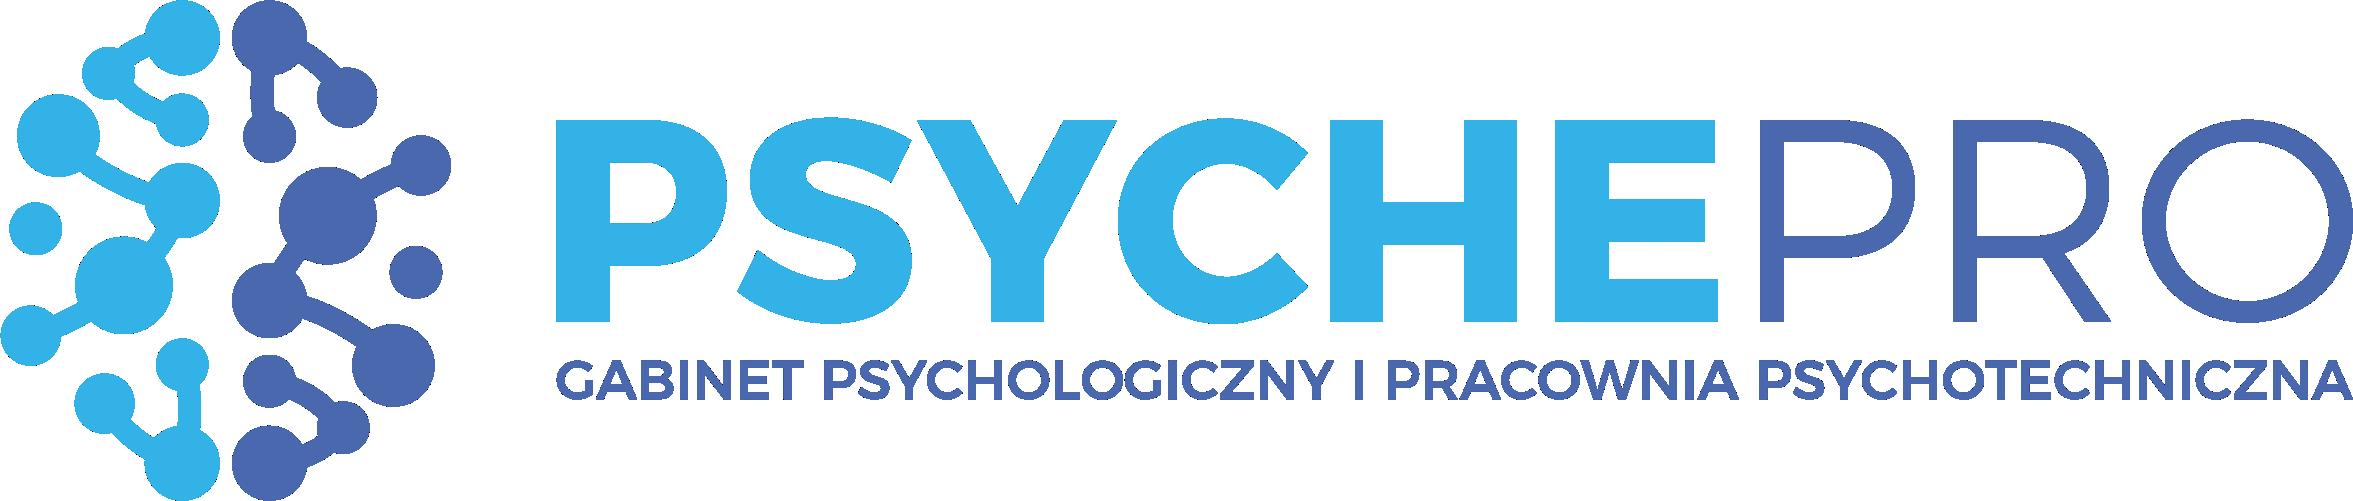 PsychePRO – Gabinet Psychologiczny i Pracownia Psychotechniczna